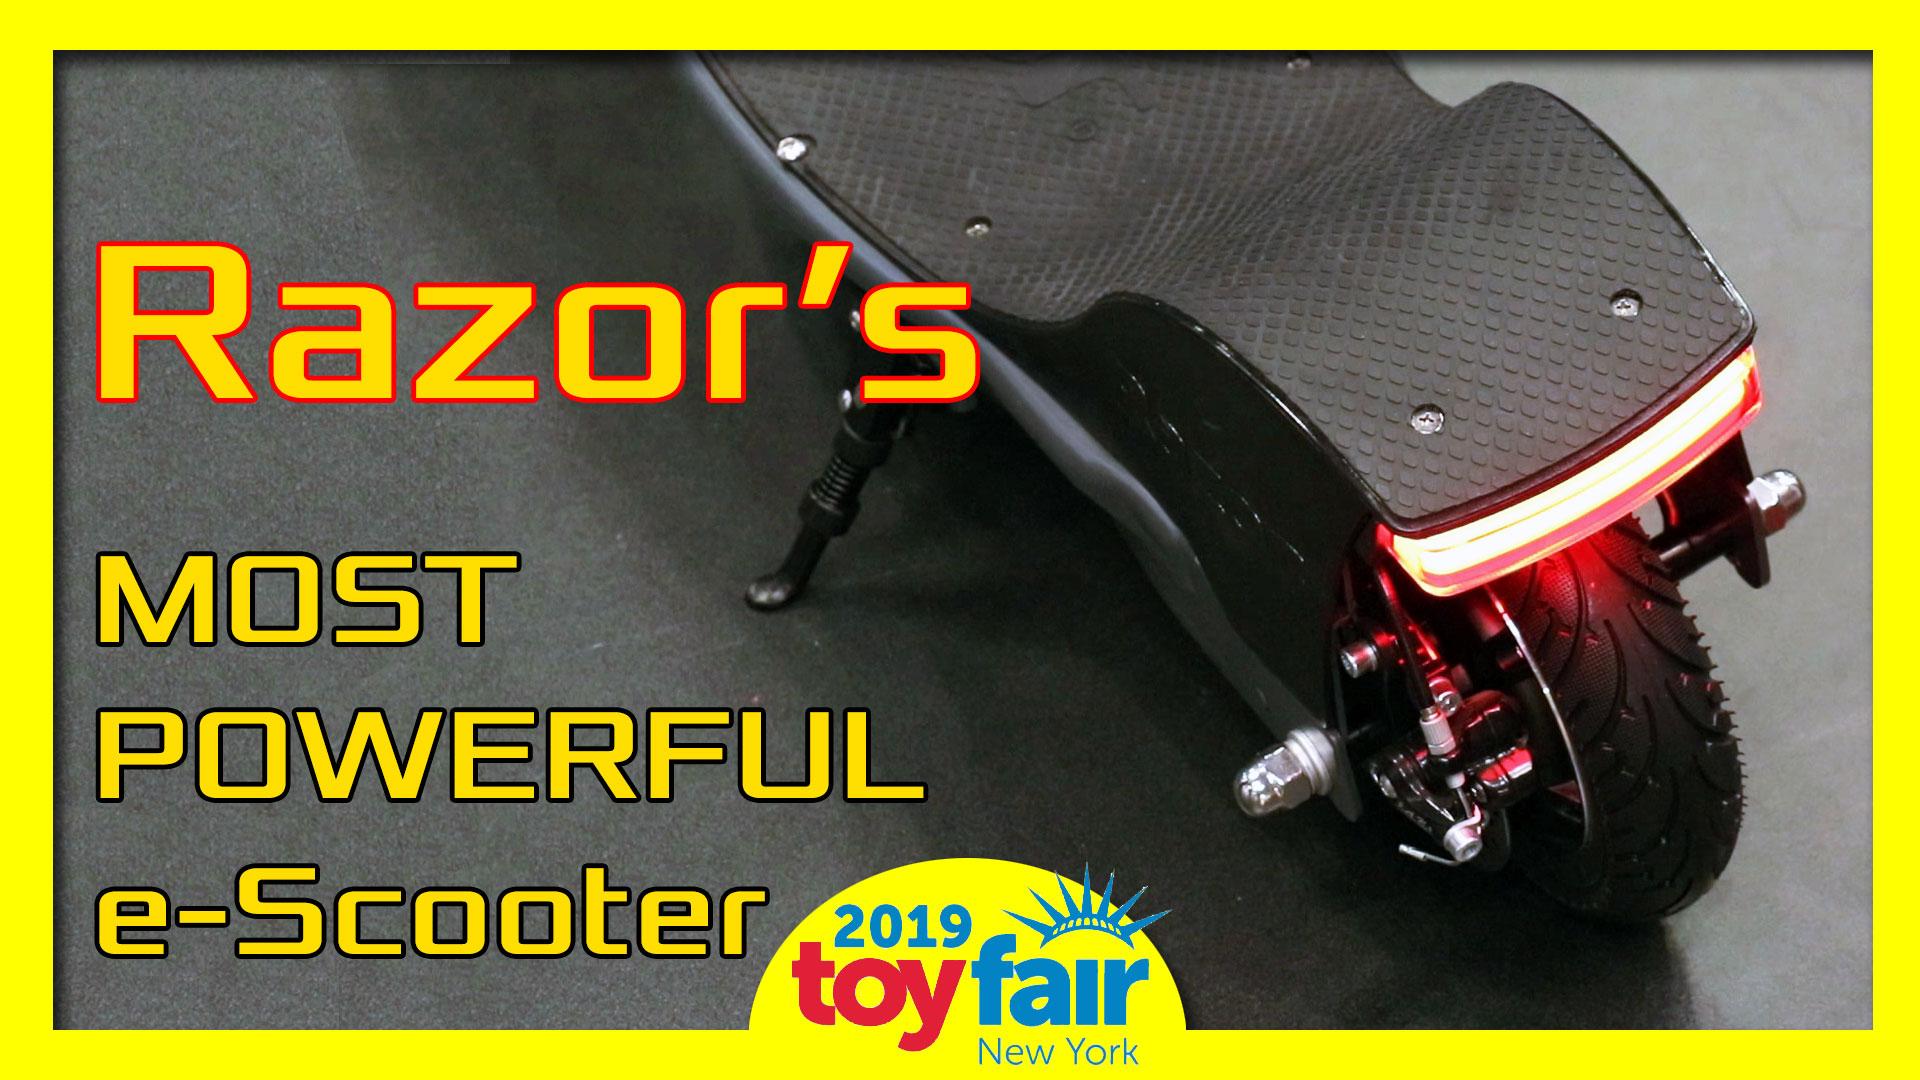 Razor e-scooters 2019